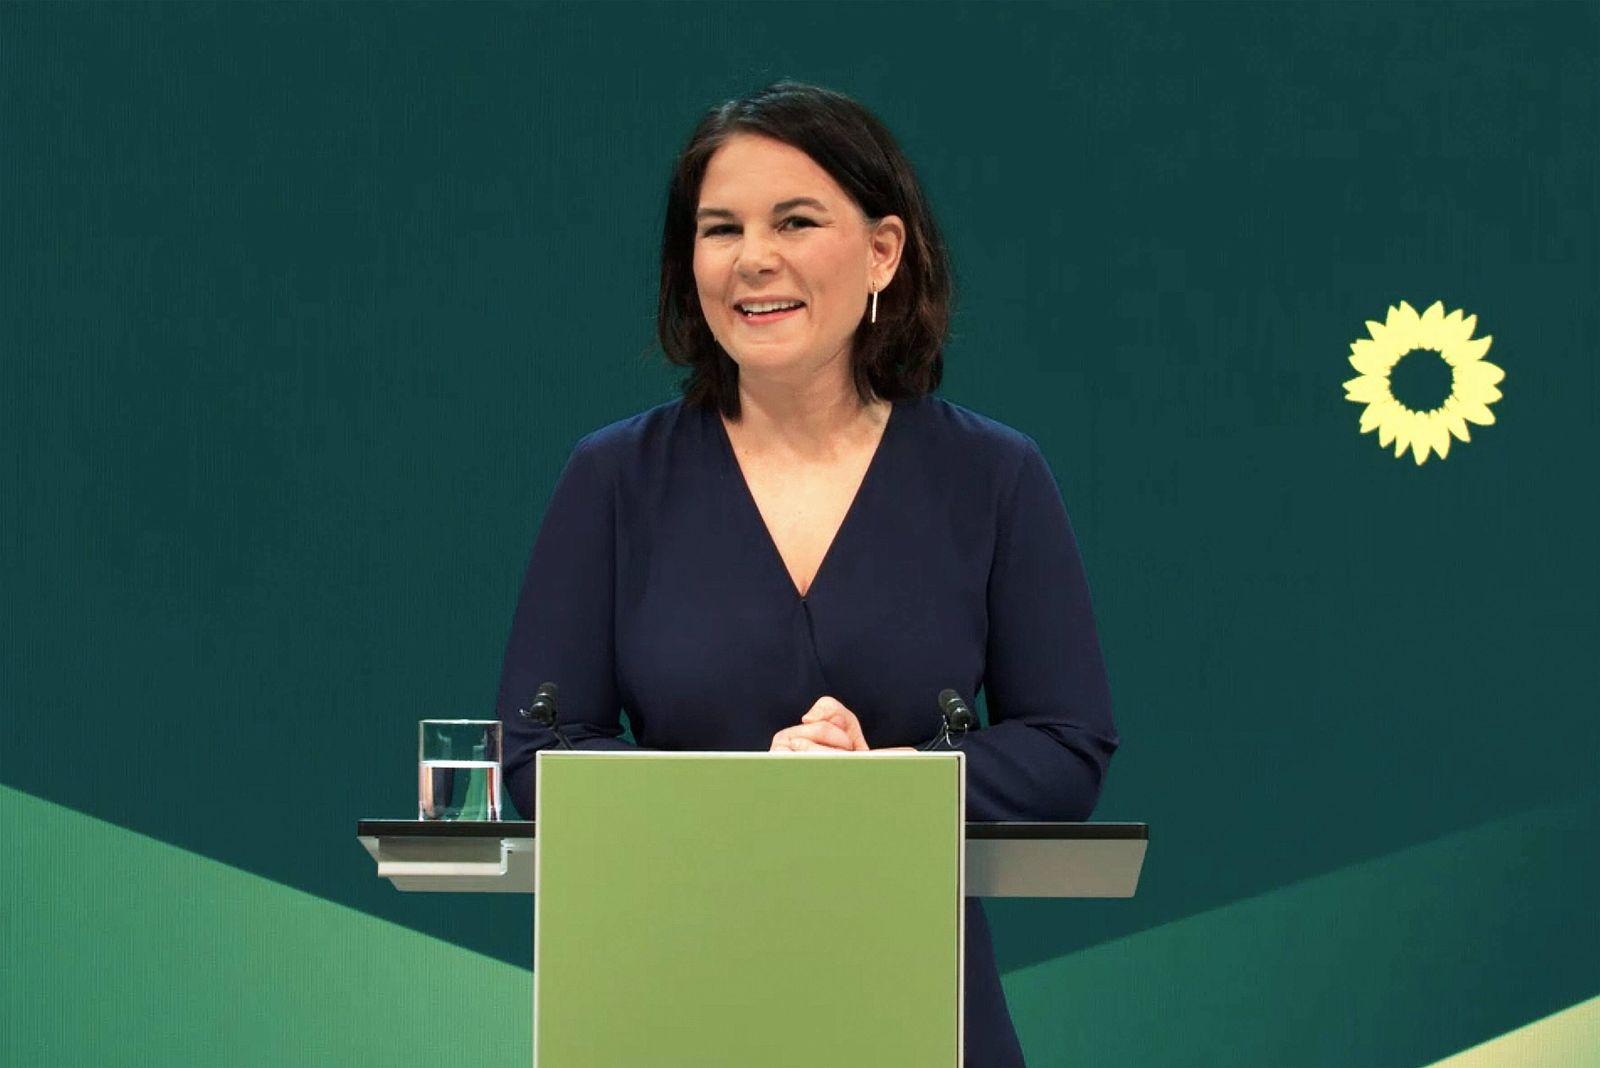 Deutschland, Berlin , 19.04.2021 Pressekonferenz von Buendnis 90/Die Gruenen Foto: Kanzlerkandidatin Annalena Baerbock